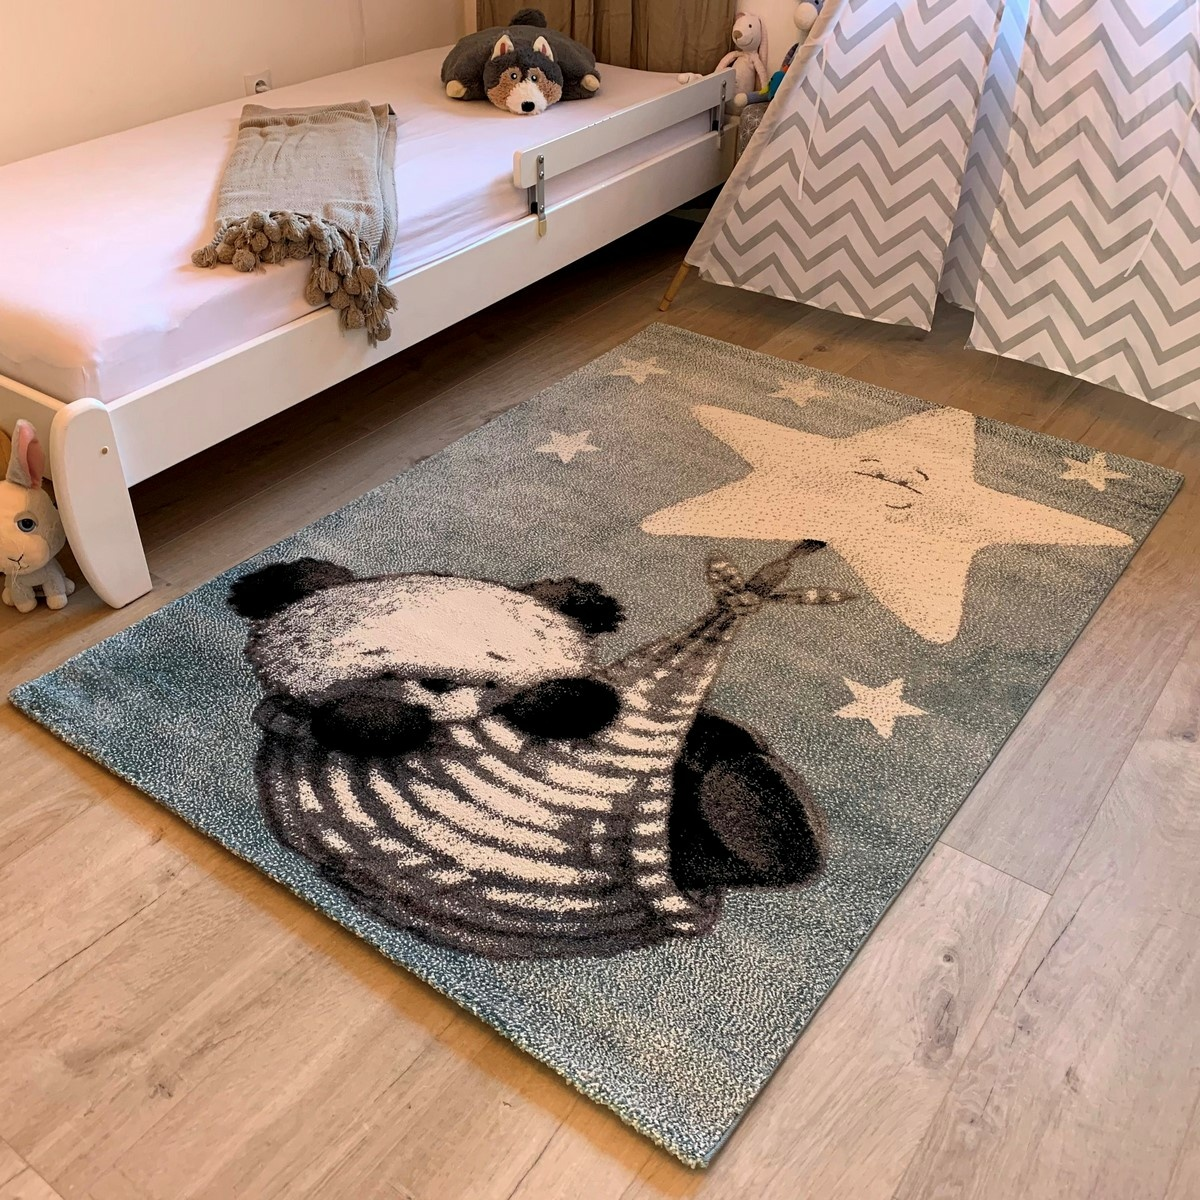 Vopi Kusový dětský koberec Kiddo 1083 blue, 80 x 150 cm